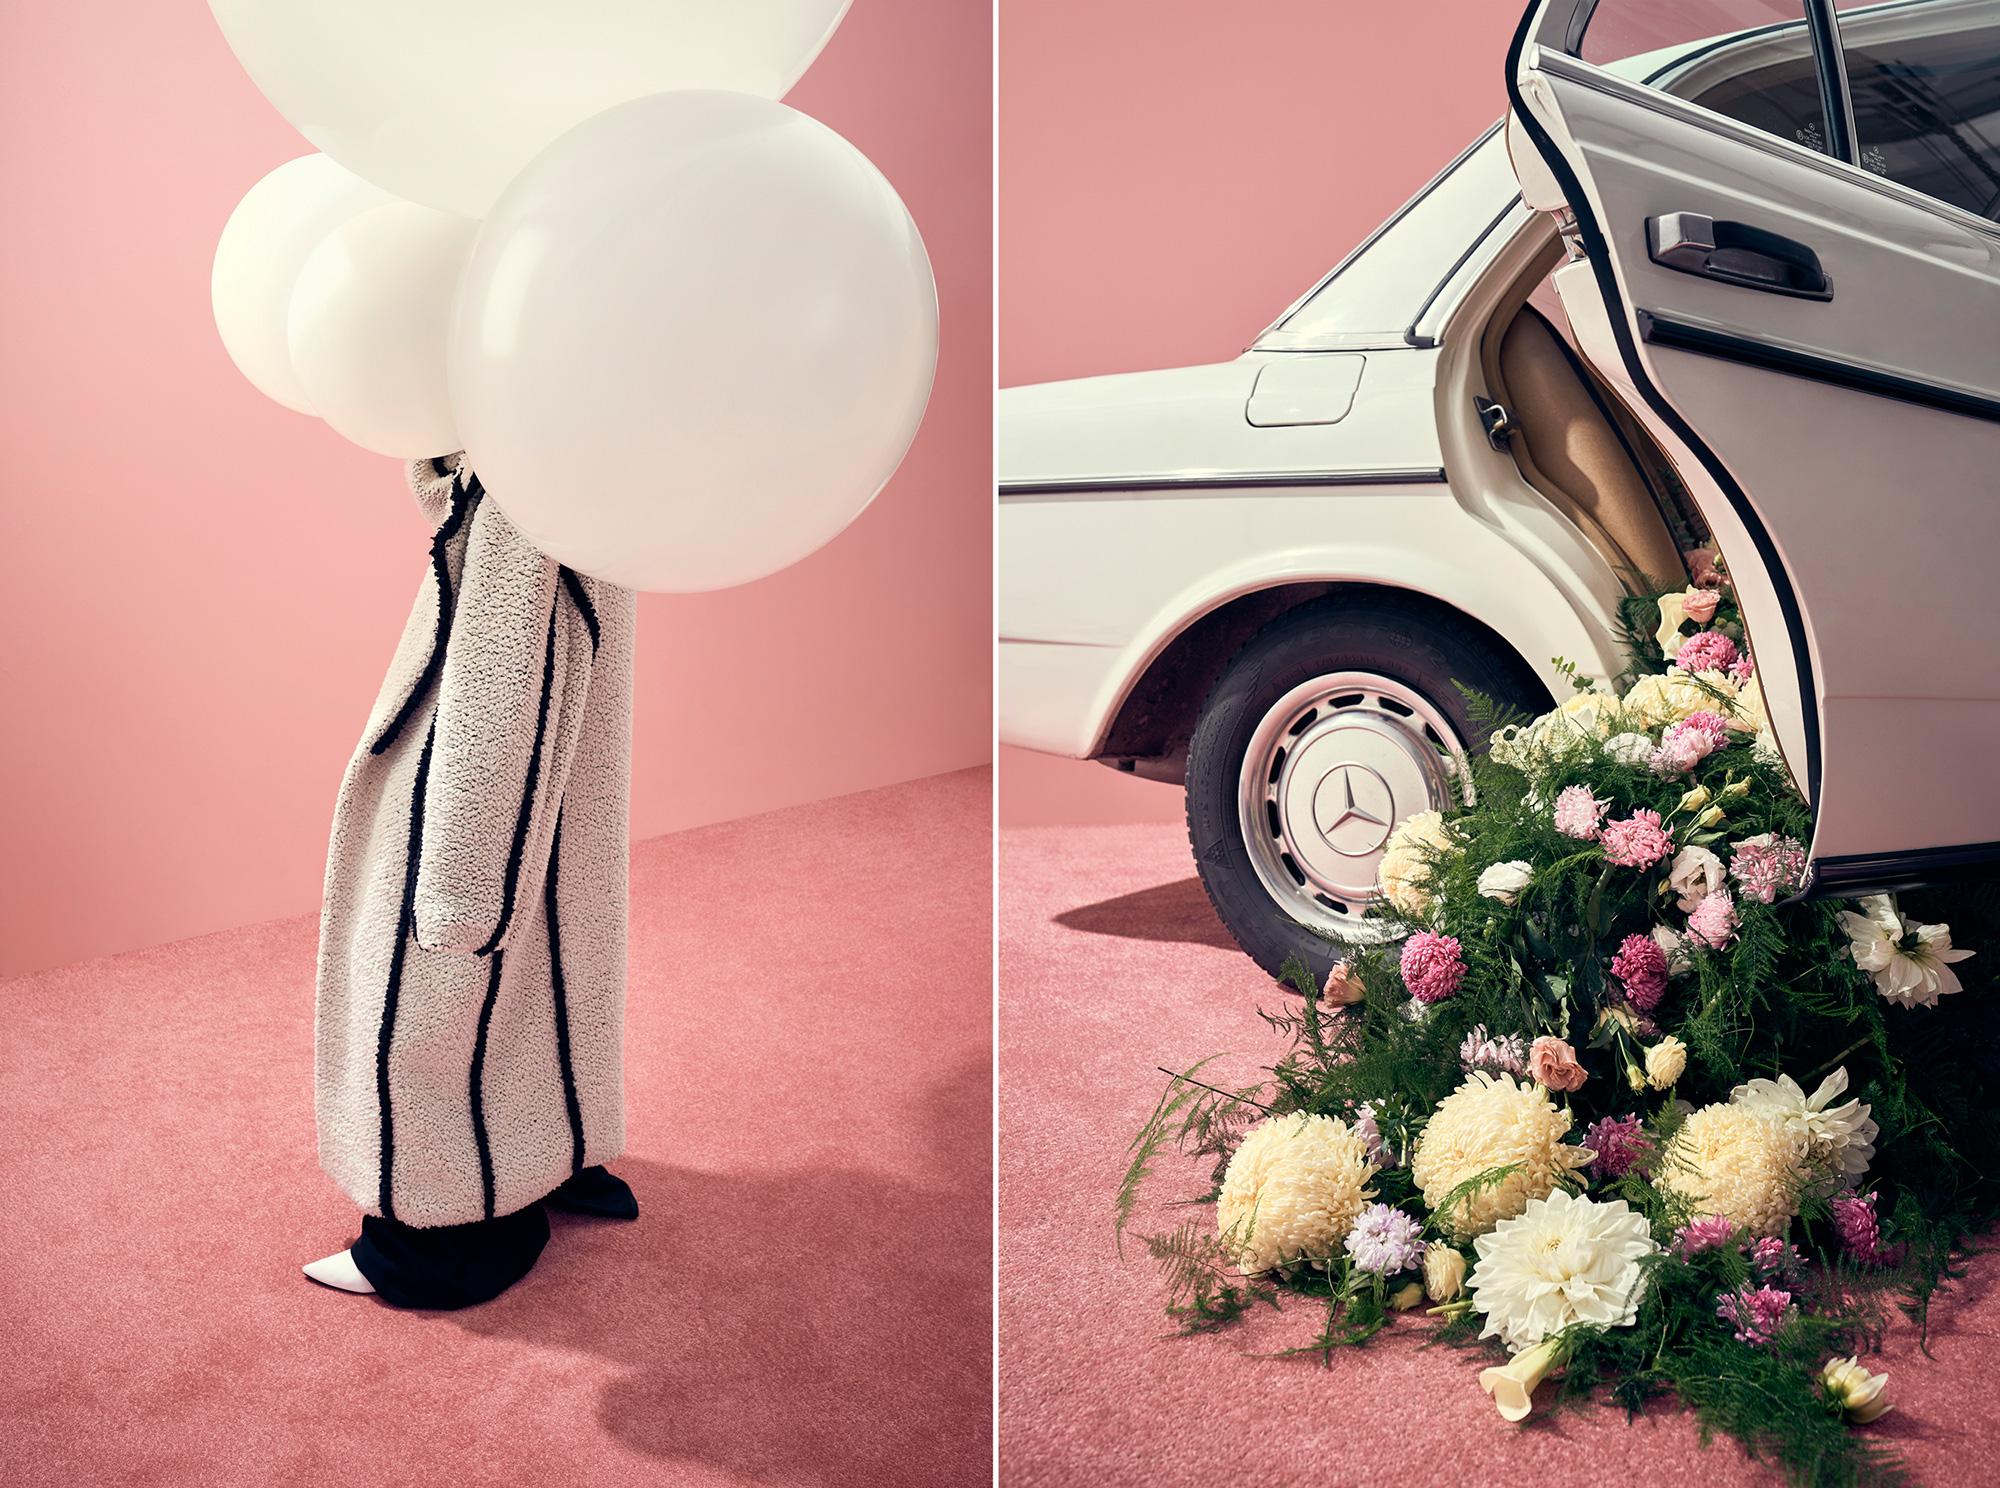 Jedno zdjecie polaczone z dwoch na kazdym wystepuje rozowe tlo i rozowy dywan na pierwszym od lewej widac tylko nogi korpus i glowa zasloniete sa duzymi bialymi balonami drugie zdjecie to bialy stary samochod z tylnych drzwi wypada mnostwo kwiatow